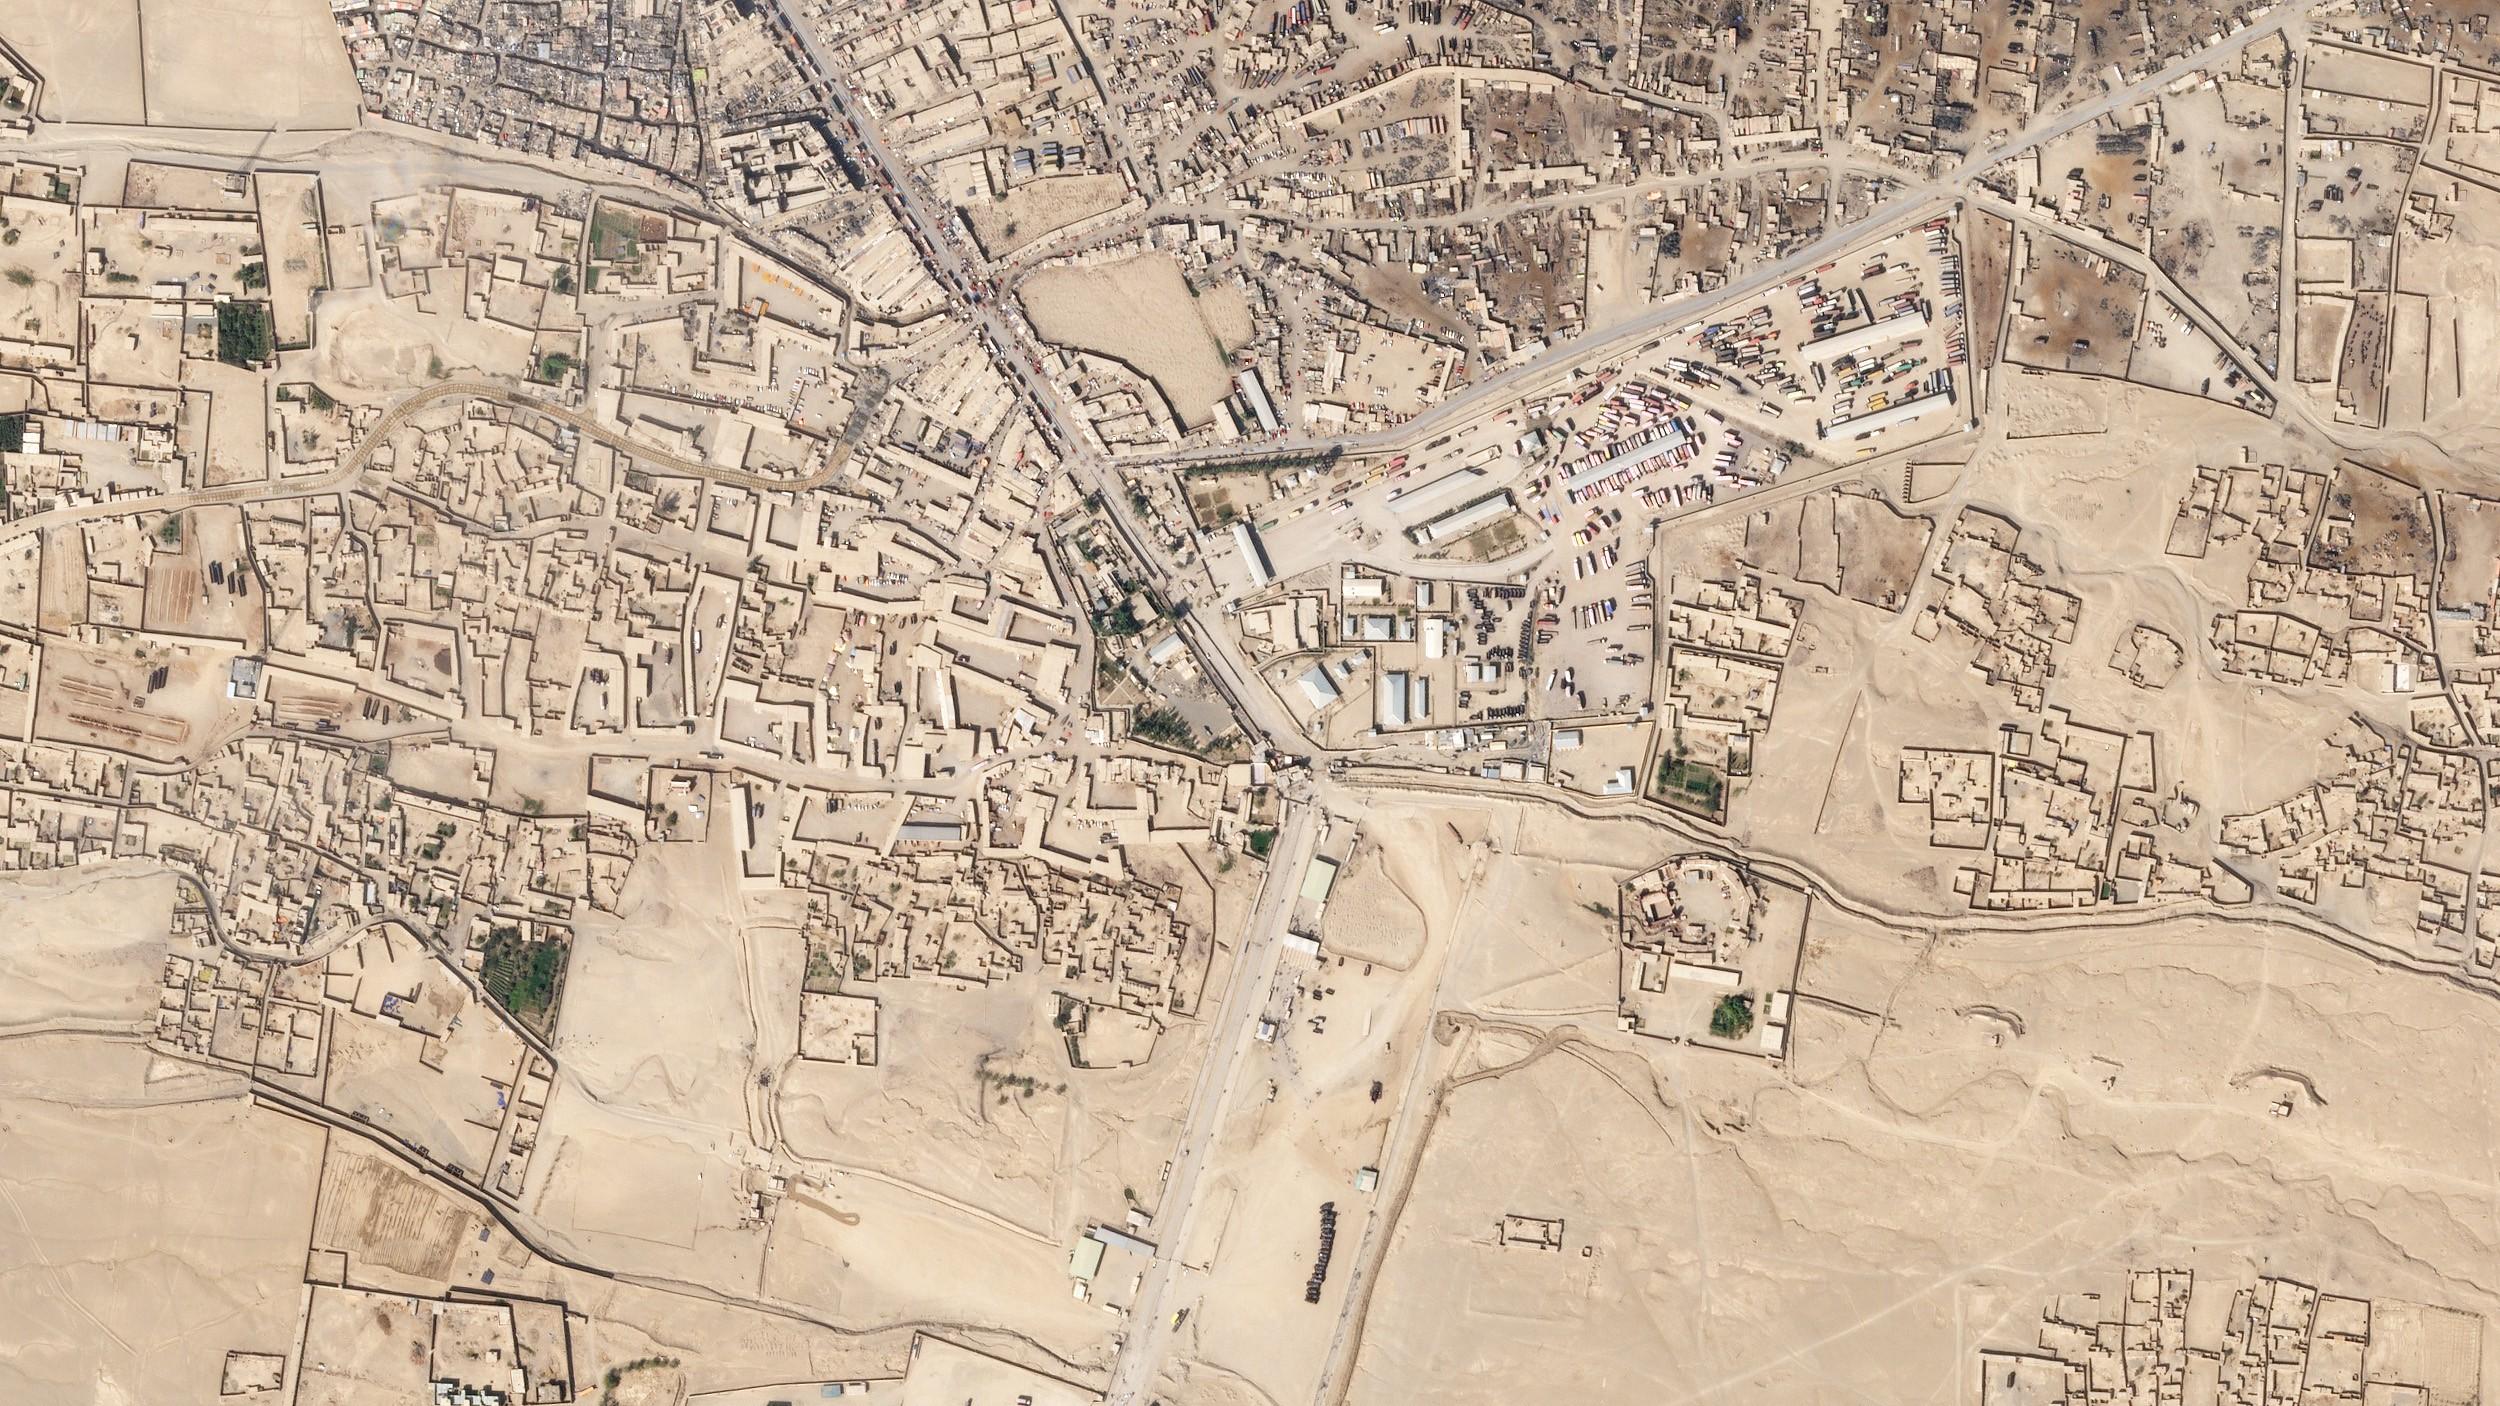 Spin Boldak, una ciudad de Afganistán.  © 2018, Planet Labs Inc.  todos los derechos son salvos.